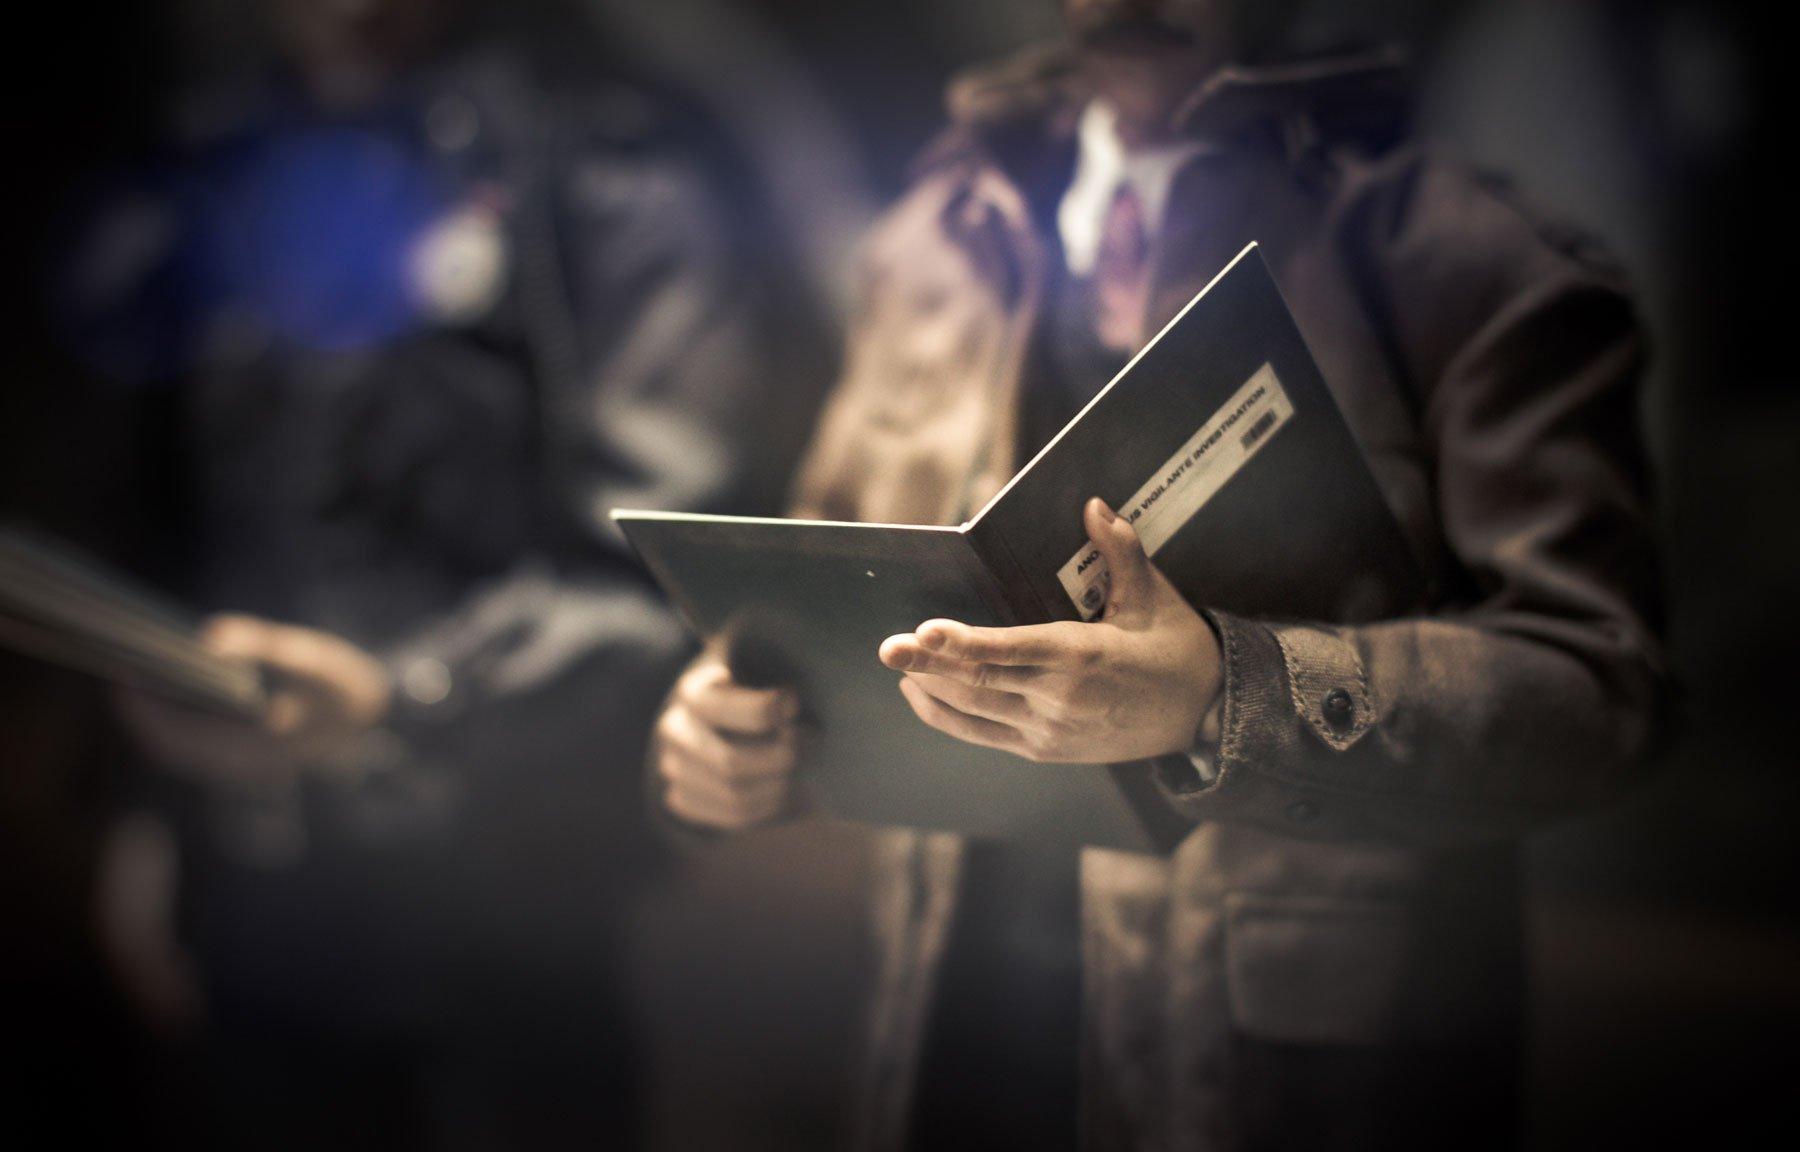 un uomo in piedi che regge con due mani una cartella con dei documenti